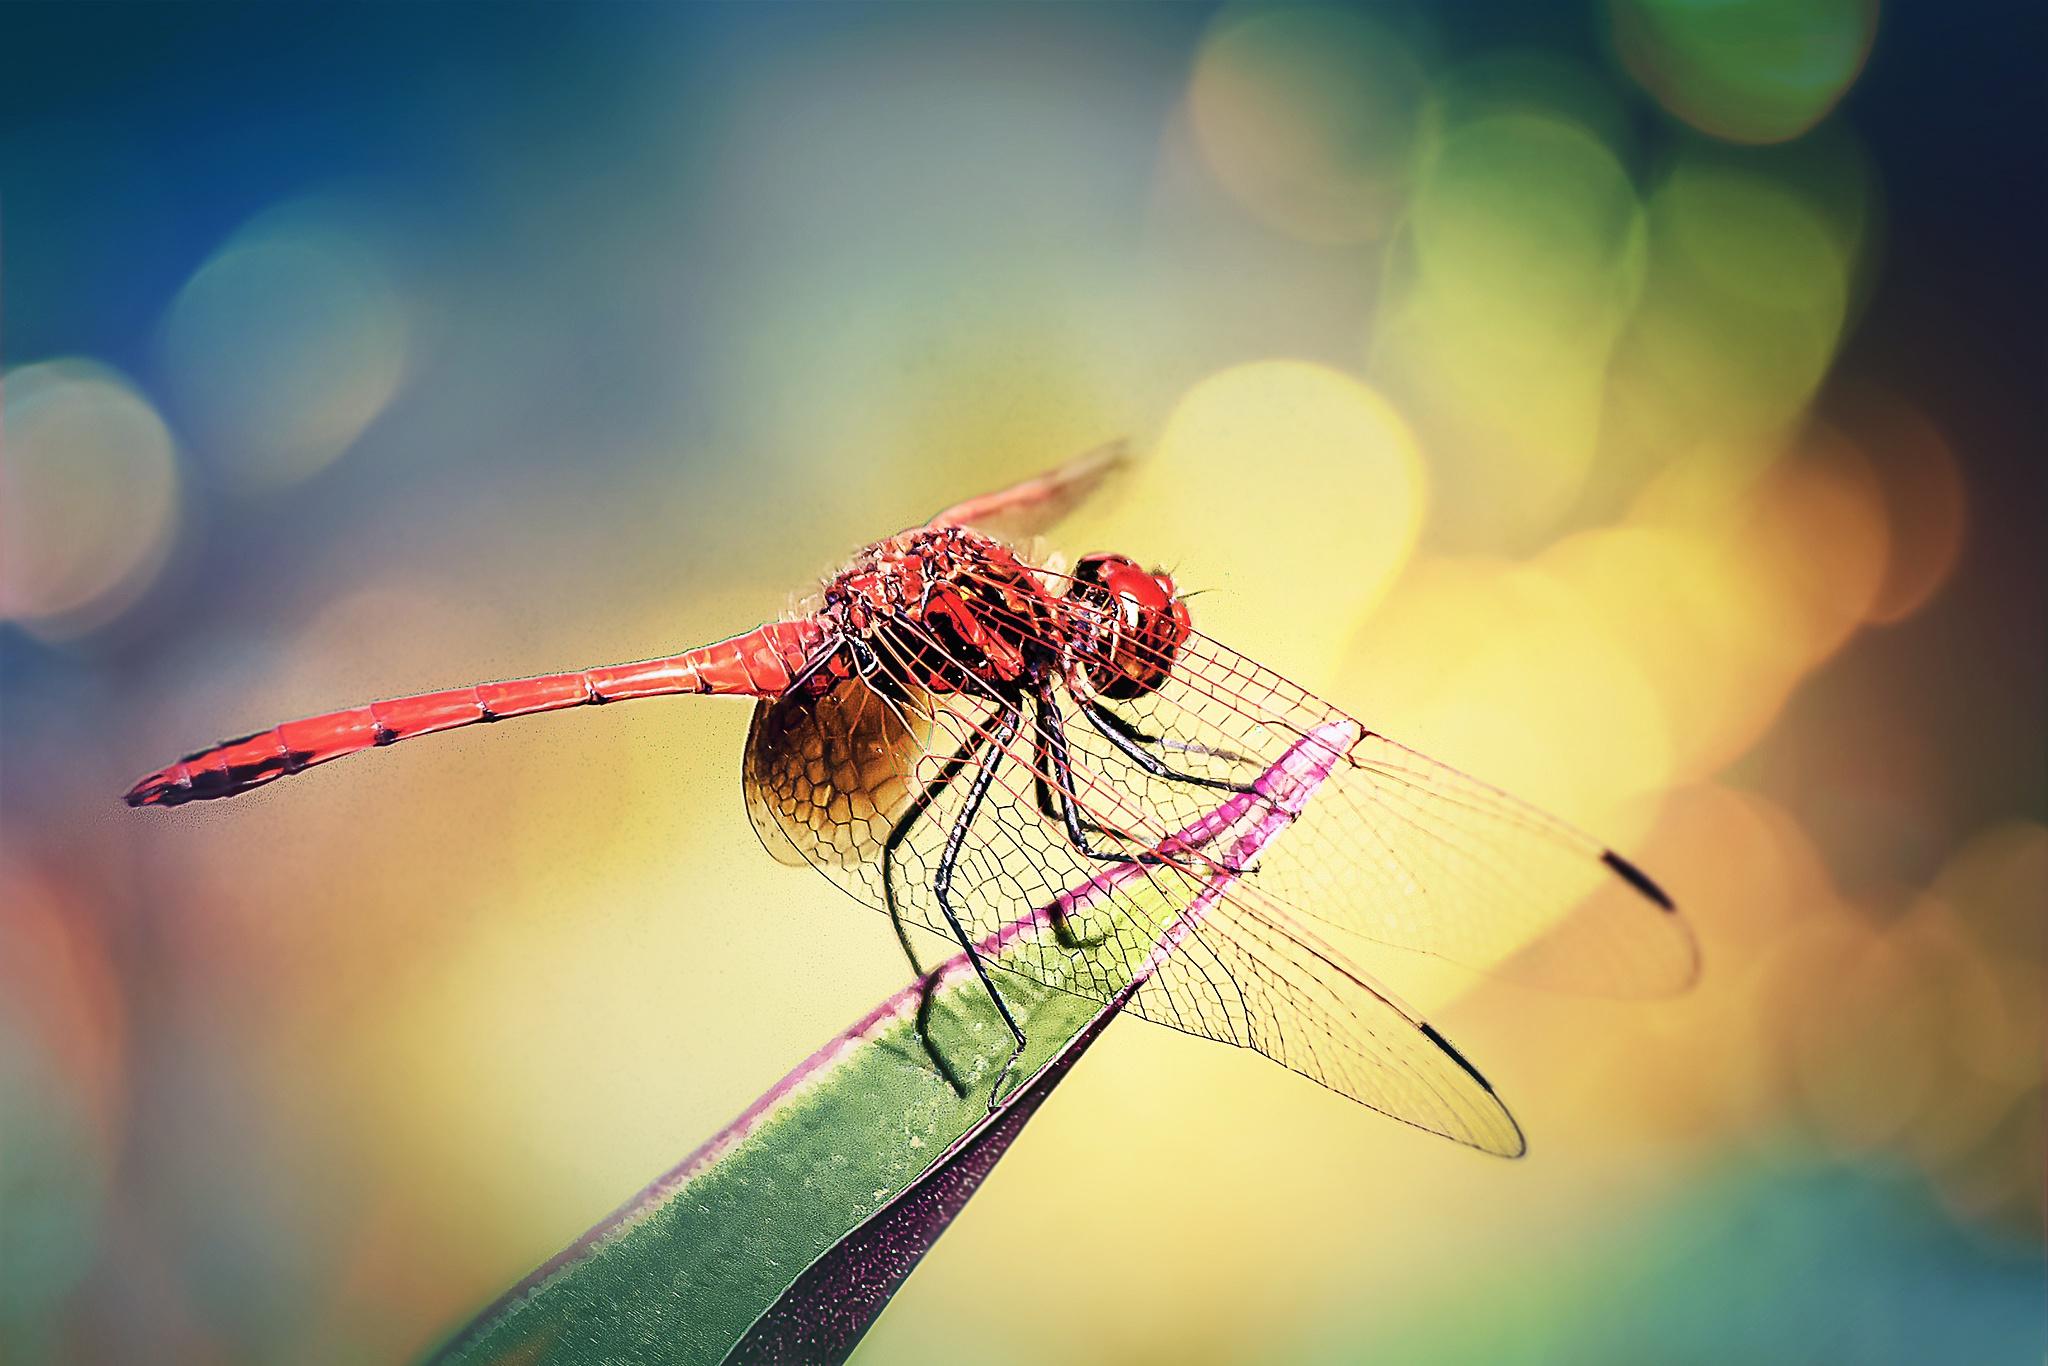 Red Dragonfly 100 by Tony Guzman